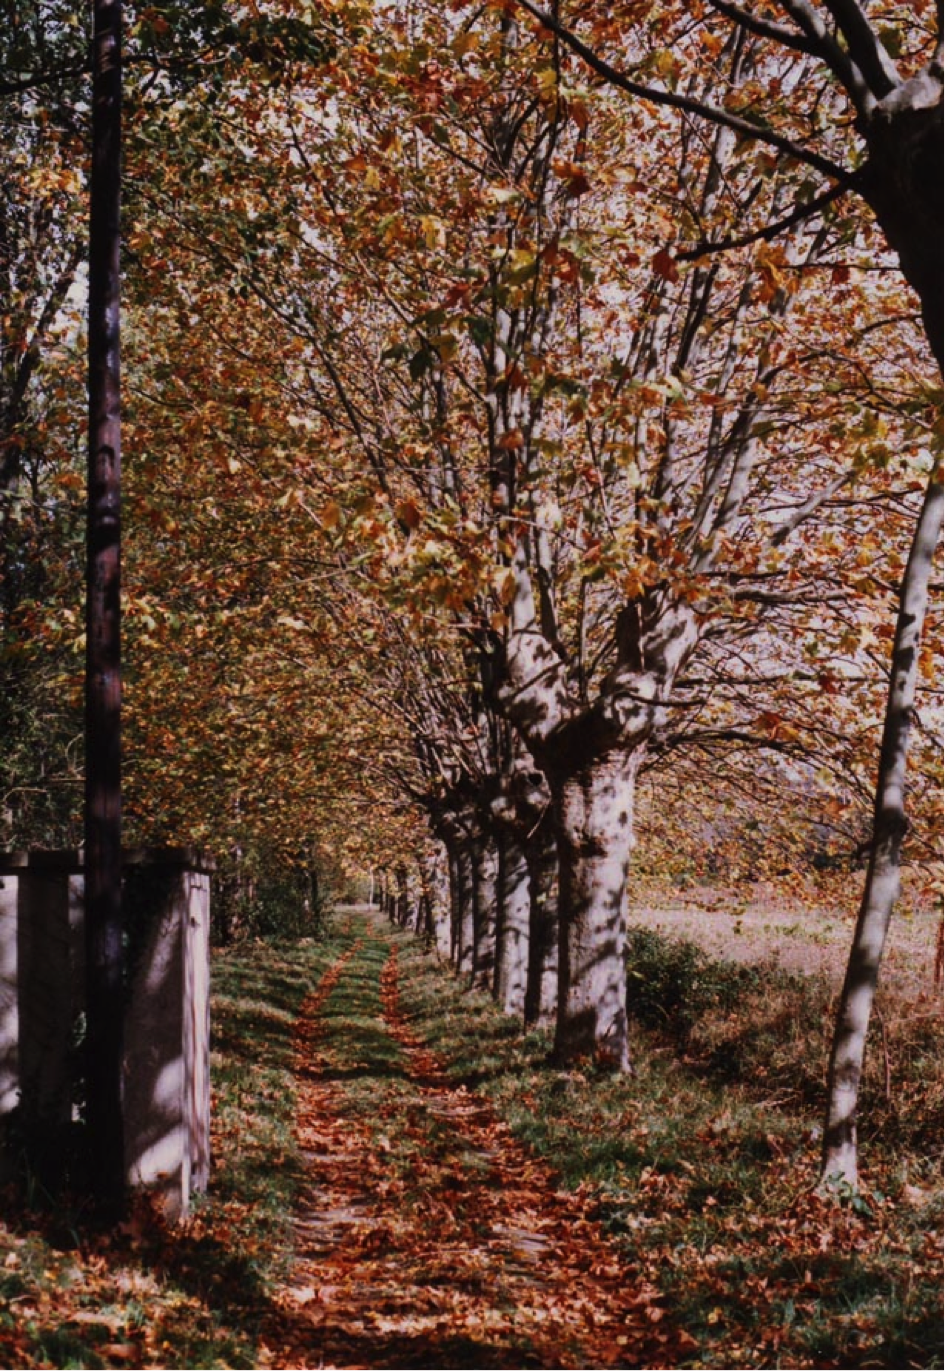 Le chemin qui mène au verger, vu depuis la maison.